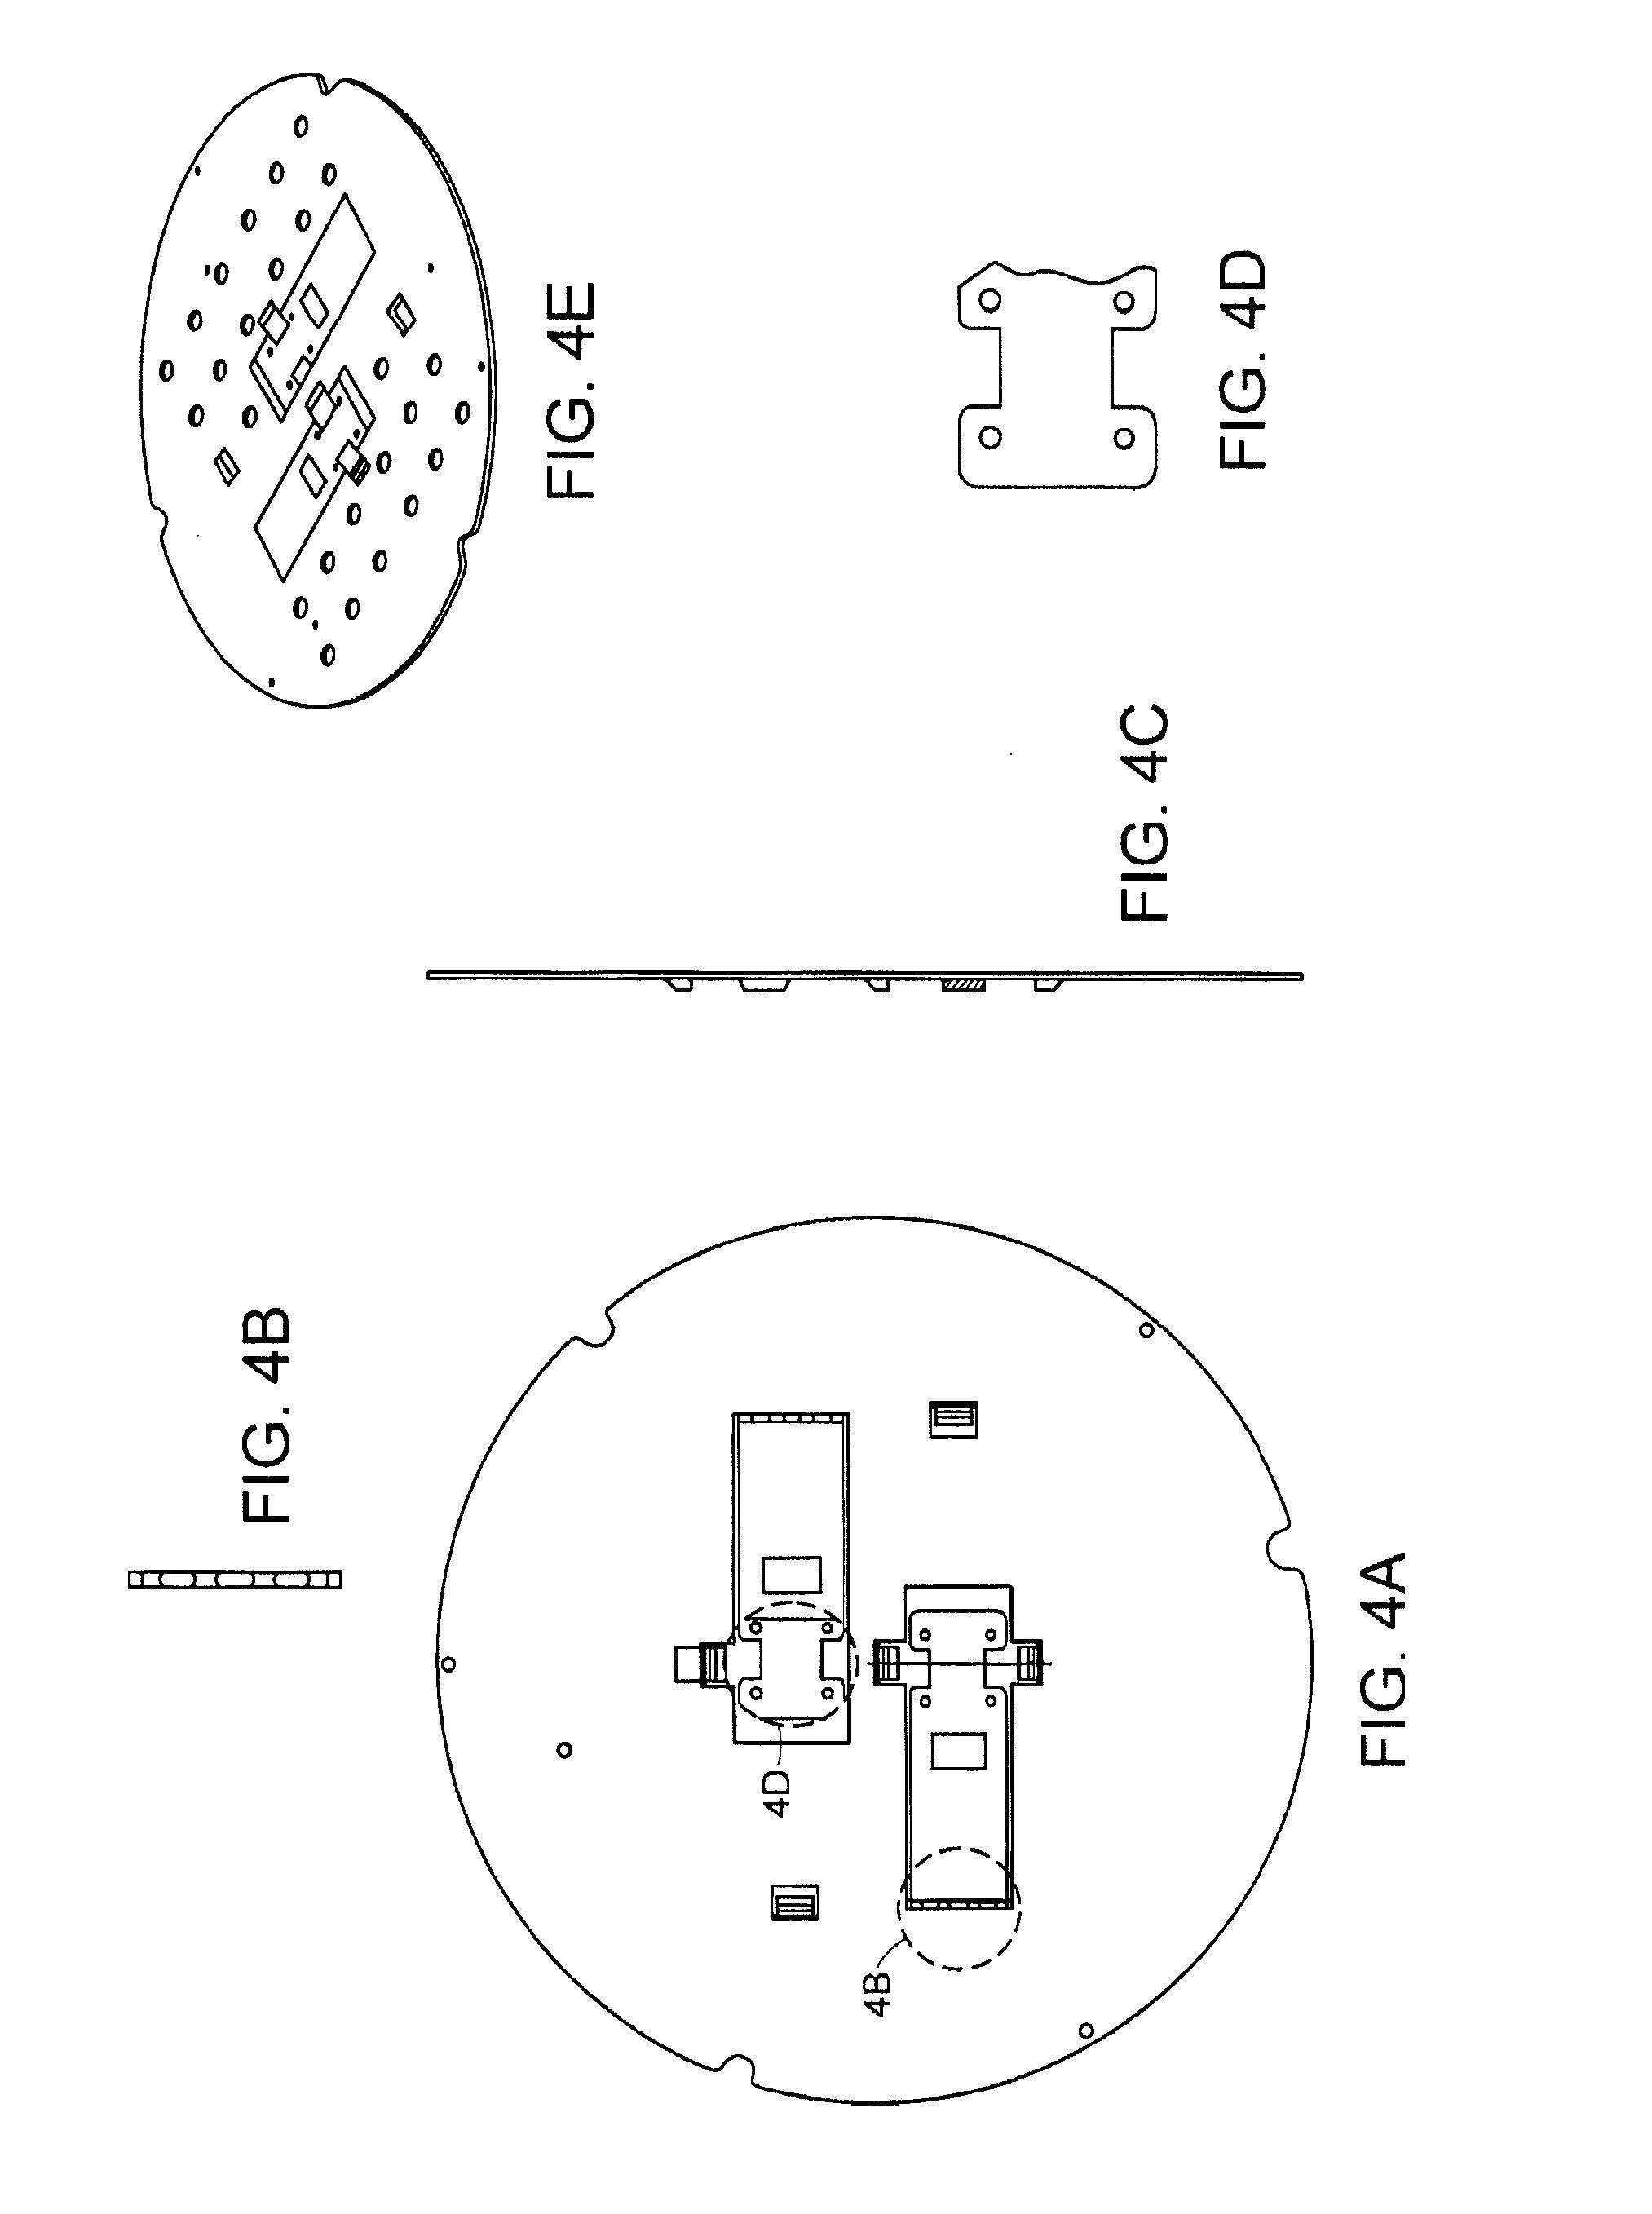 emergency lighting wiring diagram uk images wiring diagram wiring garage fluorescent lights diagrams